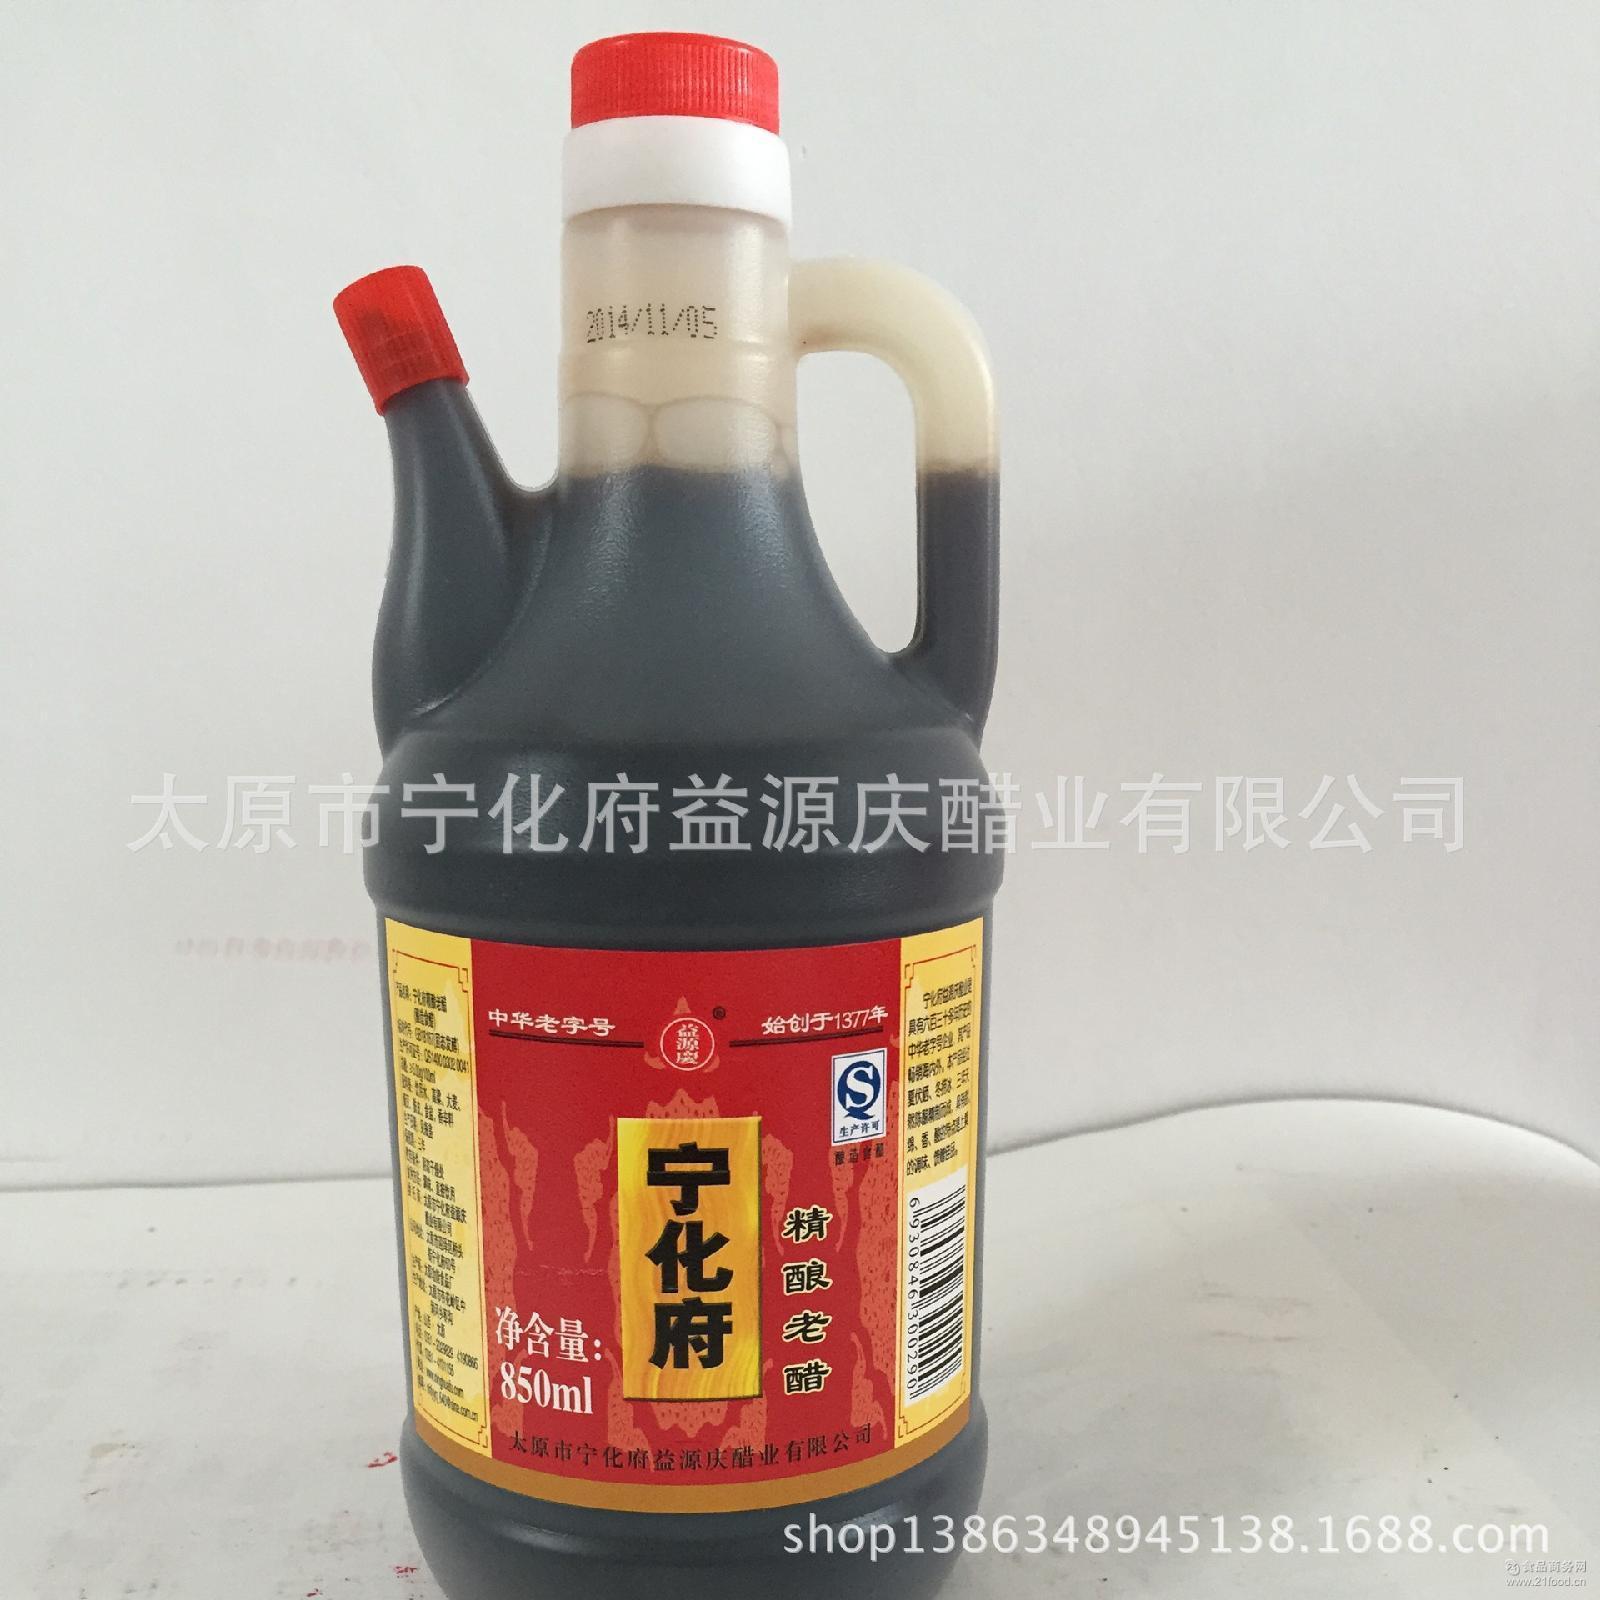 太原宁化府益源庆850ML精酿老醋 山西特产 850ml×12/箱 纯粮酿造